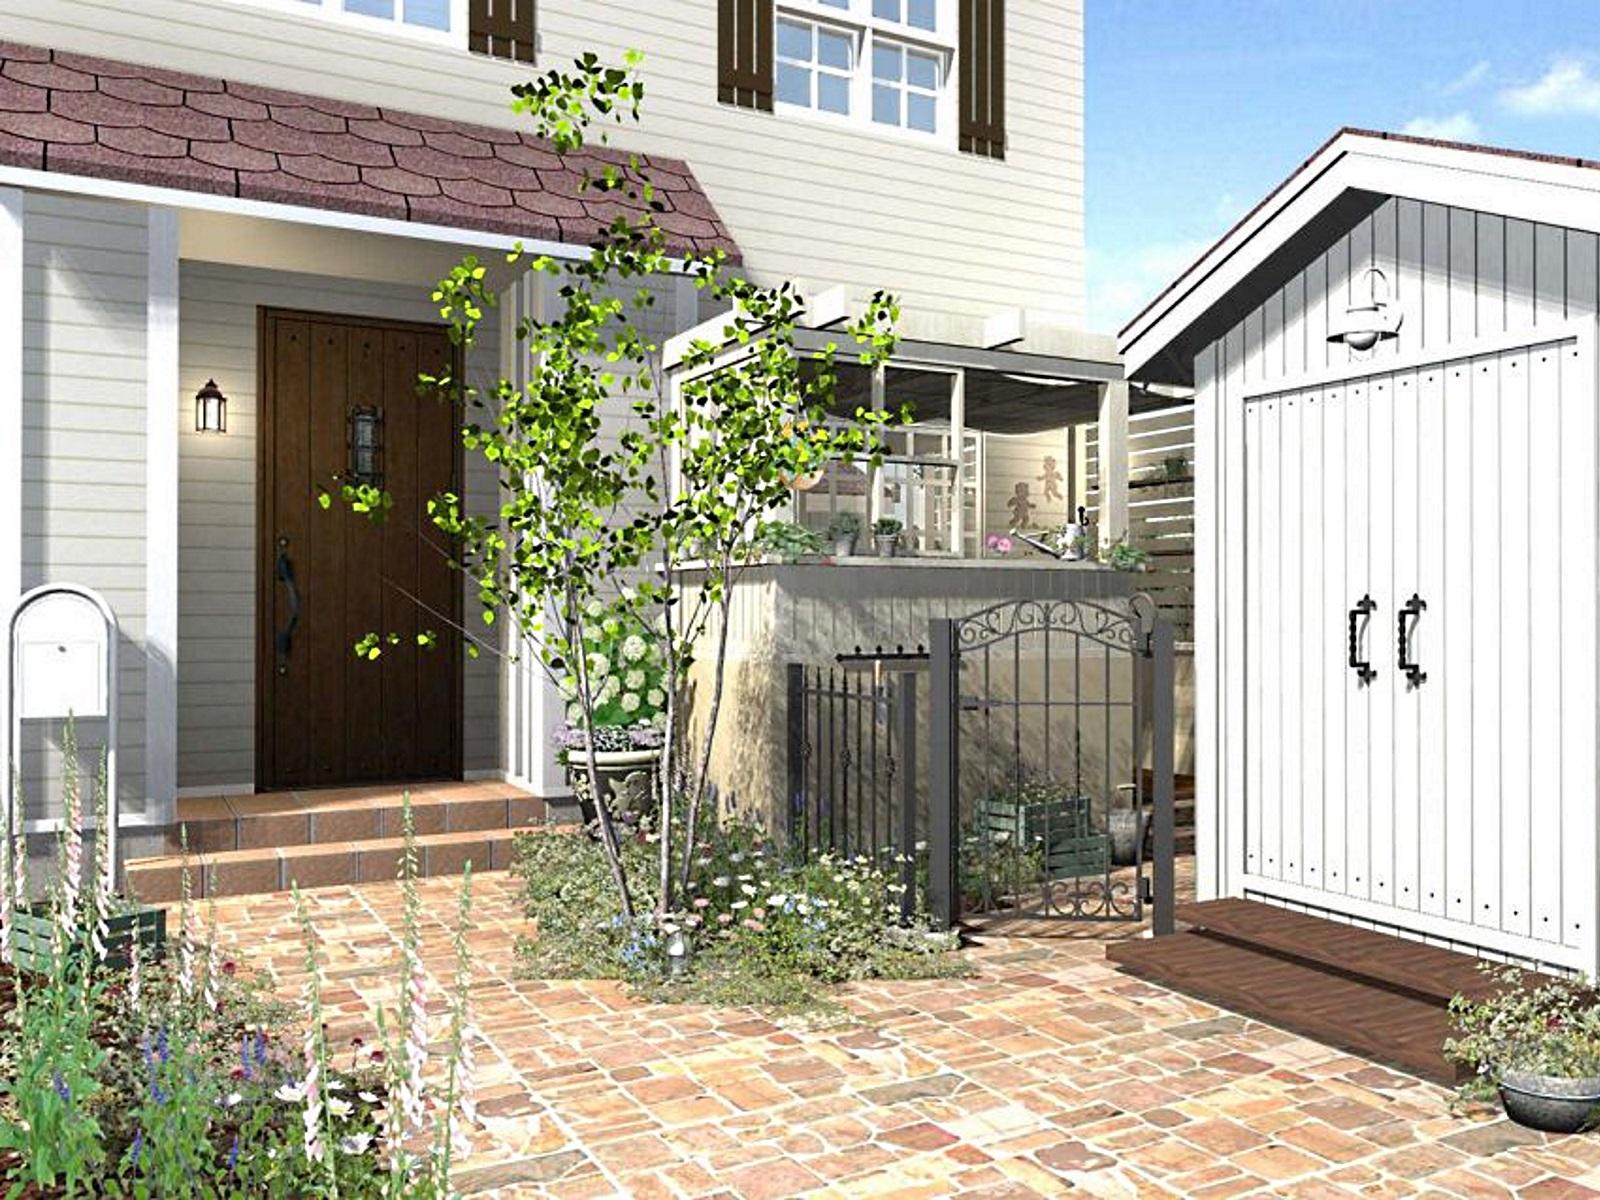 レンガの玄関アプローチがある家のイラスト